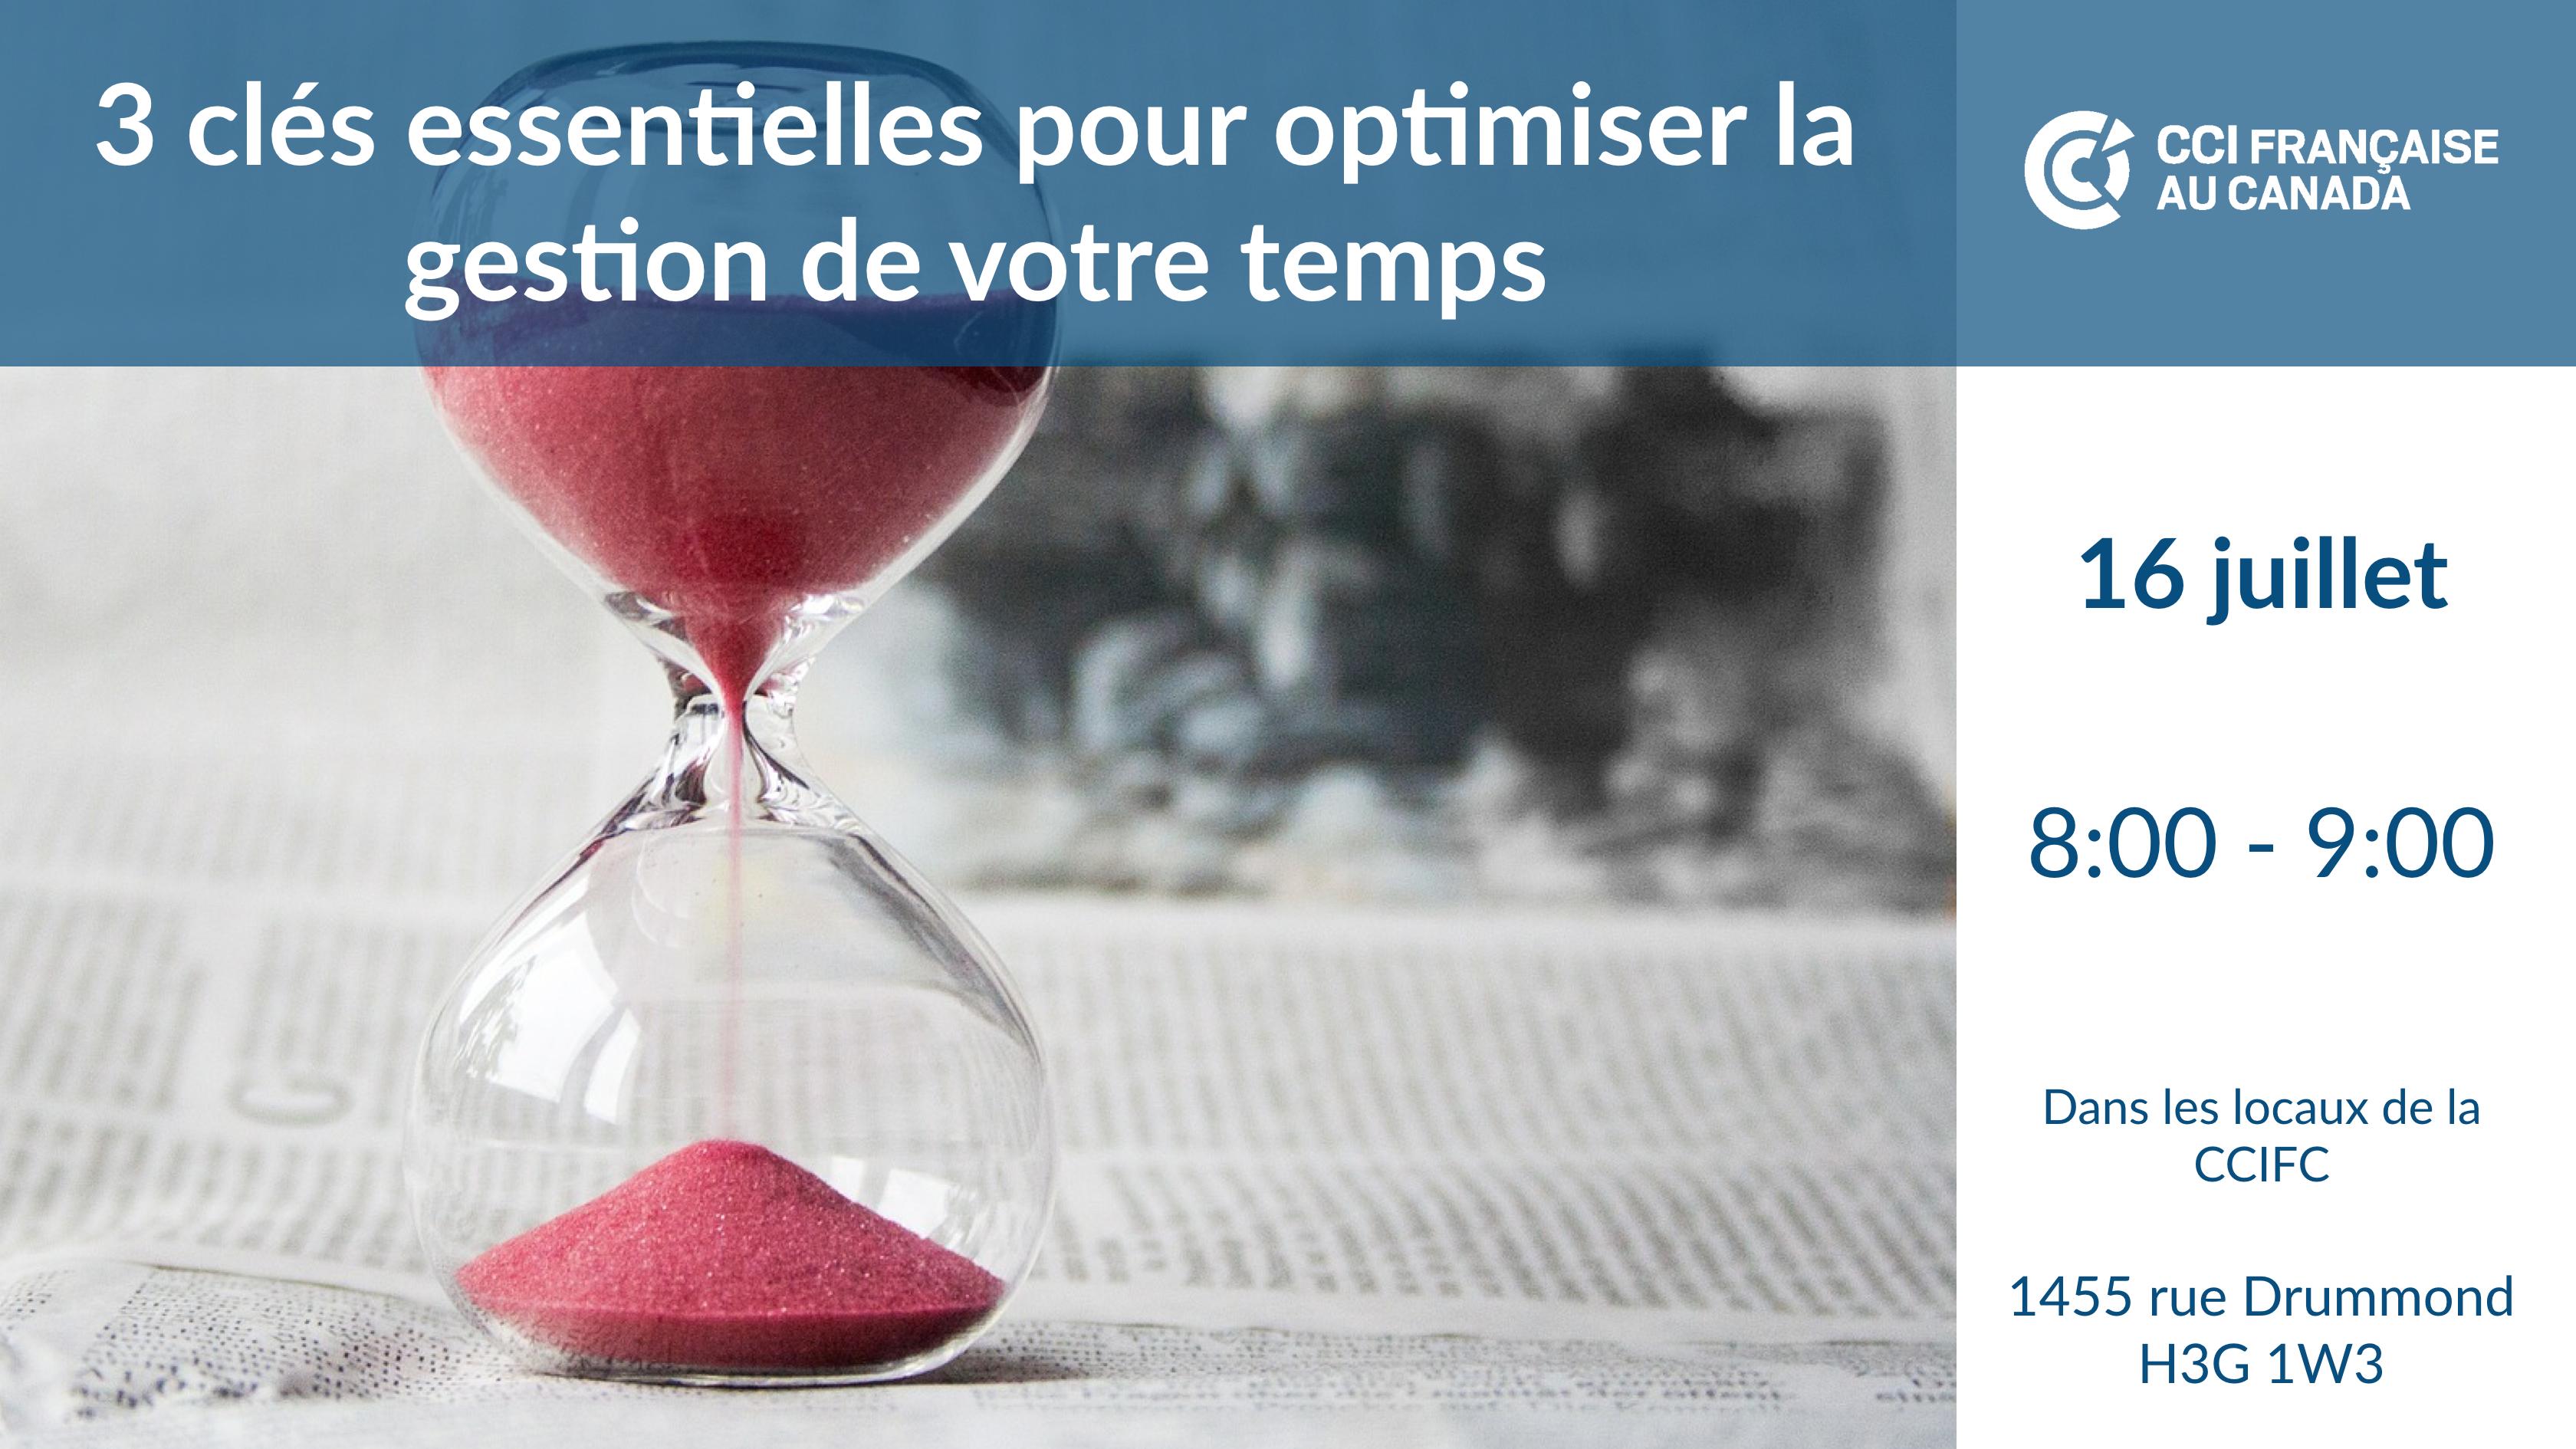 3 clés essentielles pour optimiser la gestion de votre temps